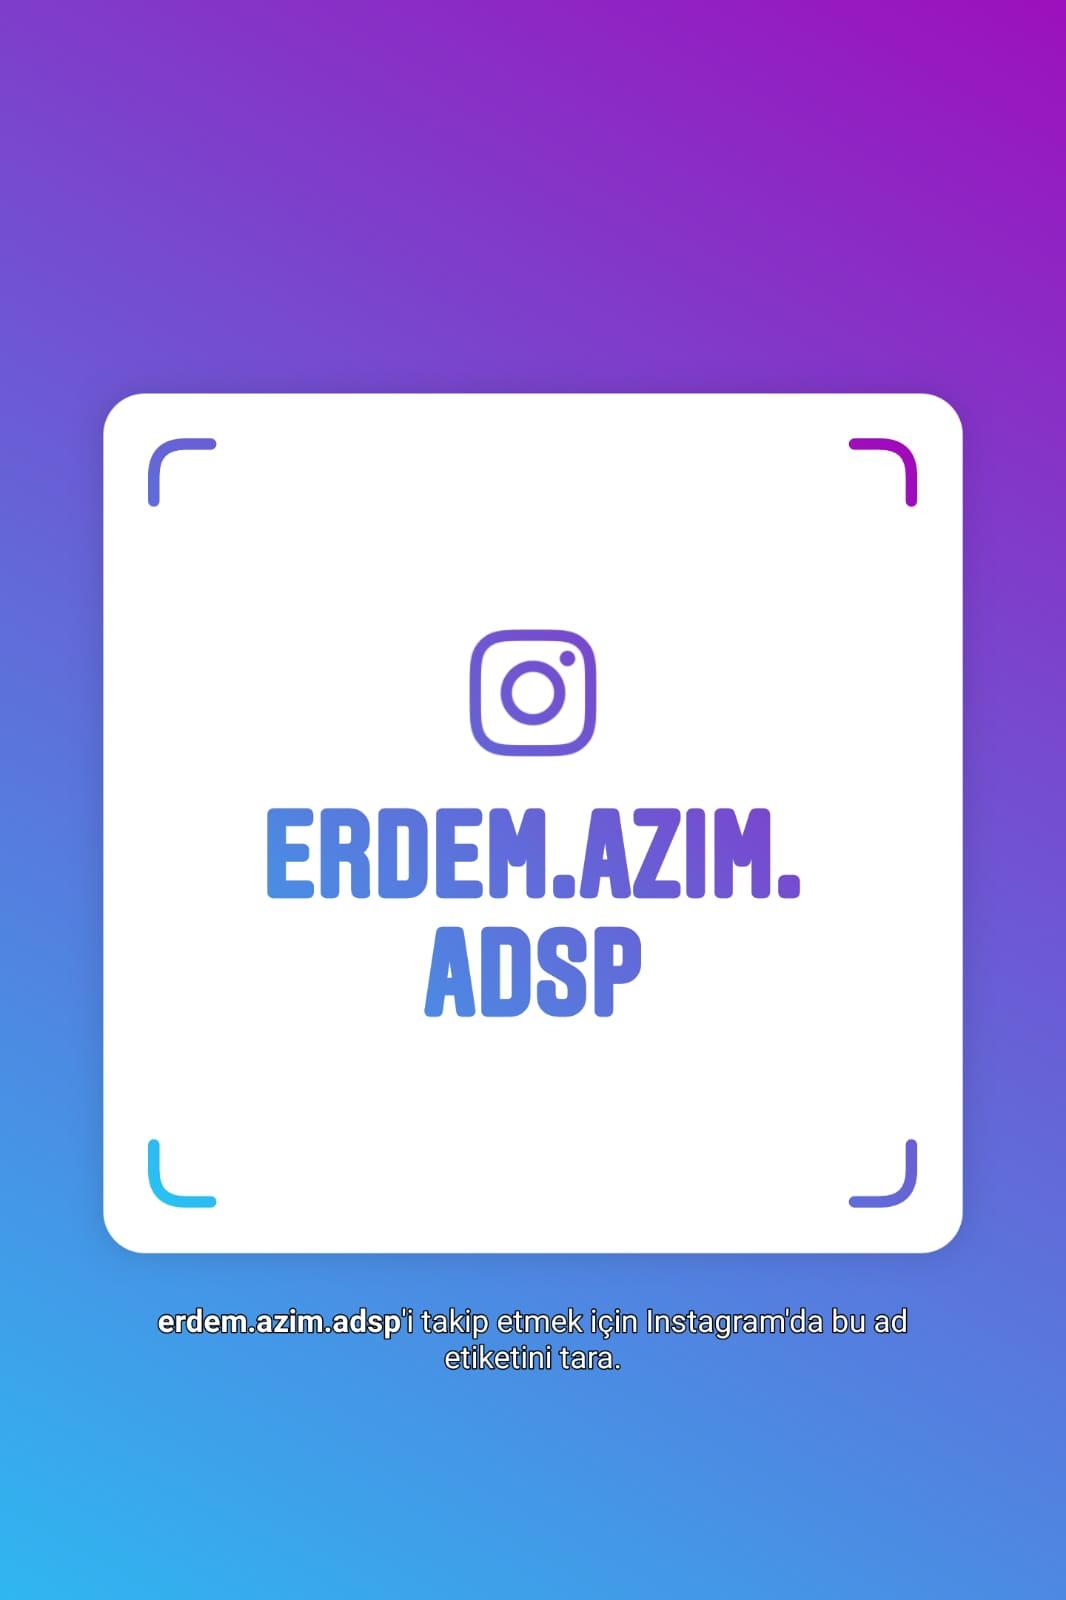 Instagram'da Özel Erdem Azim Ağız ve Diş Sağlığı Polikliniği'ni takip edebilmeniz için Kullanıcı adımız: erdem.azim.adsp